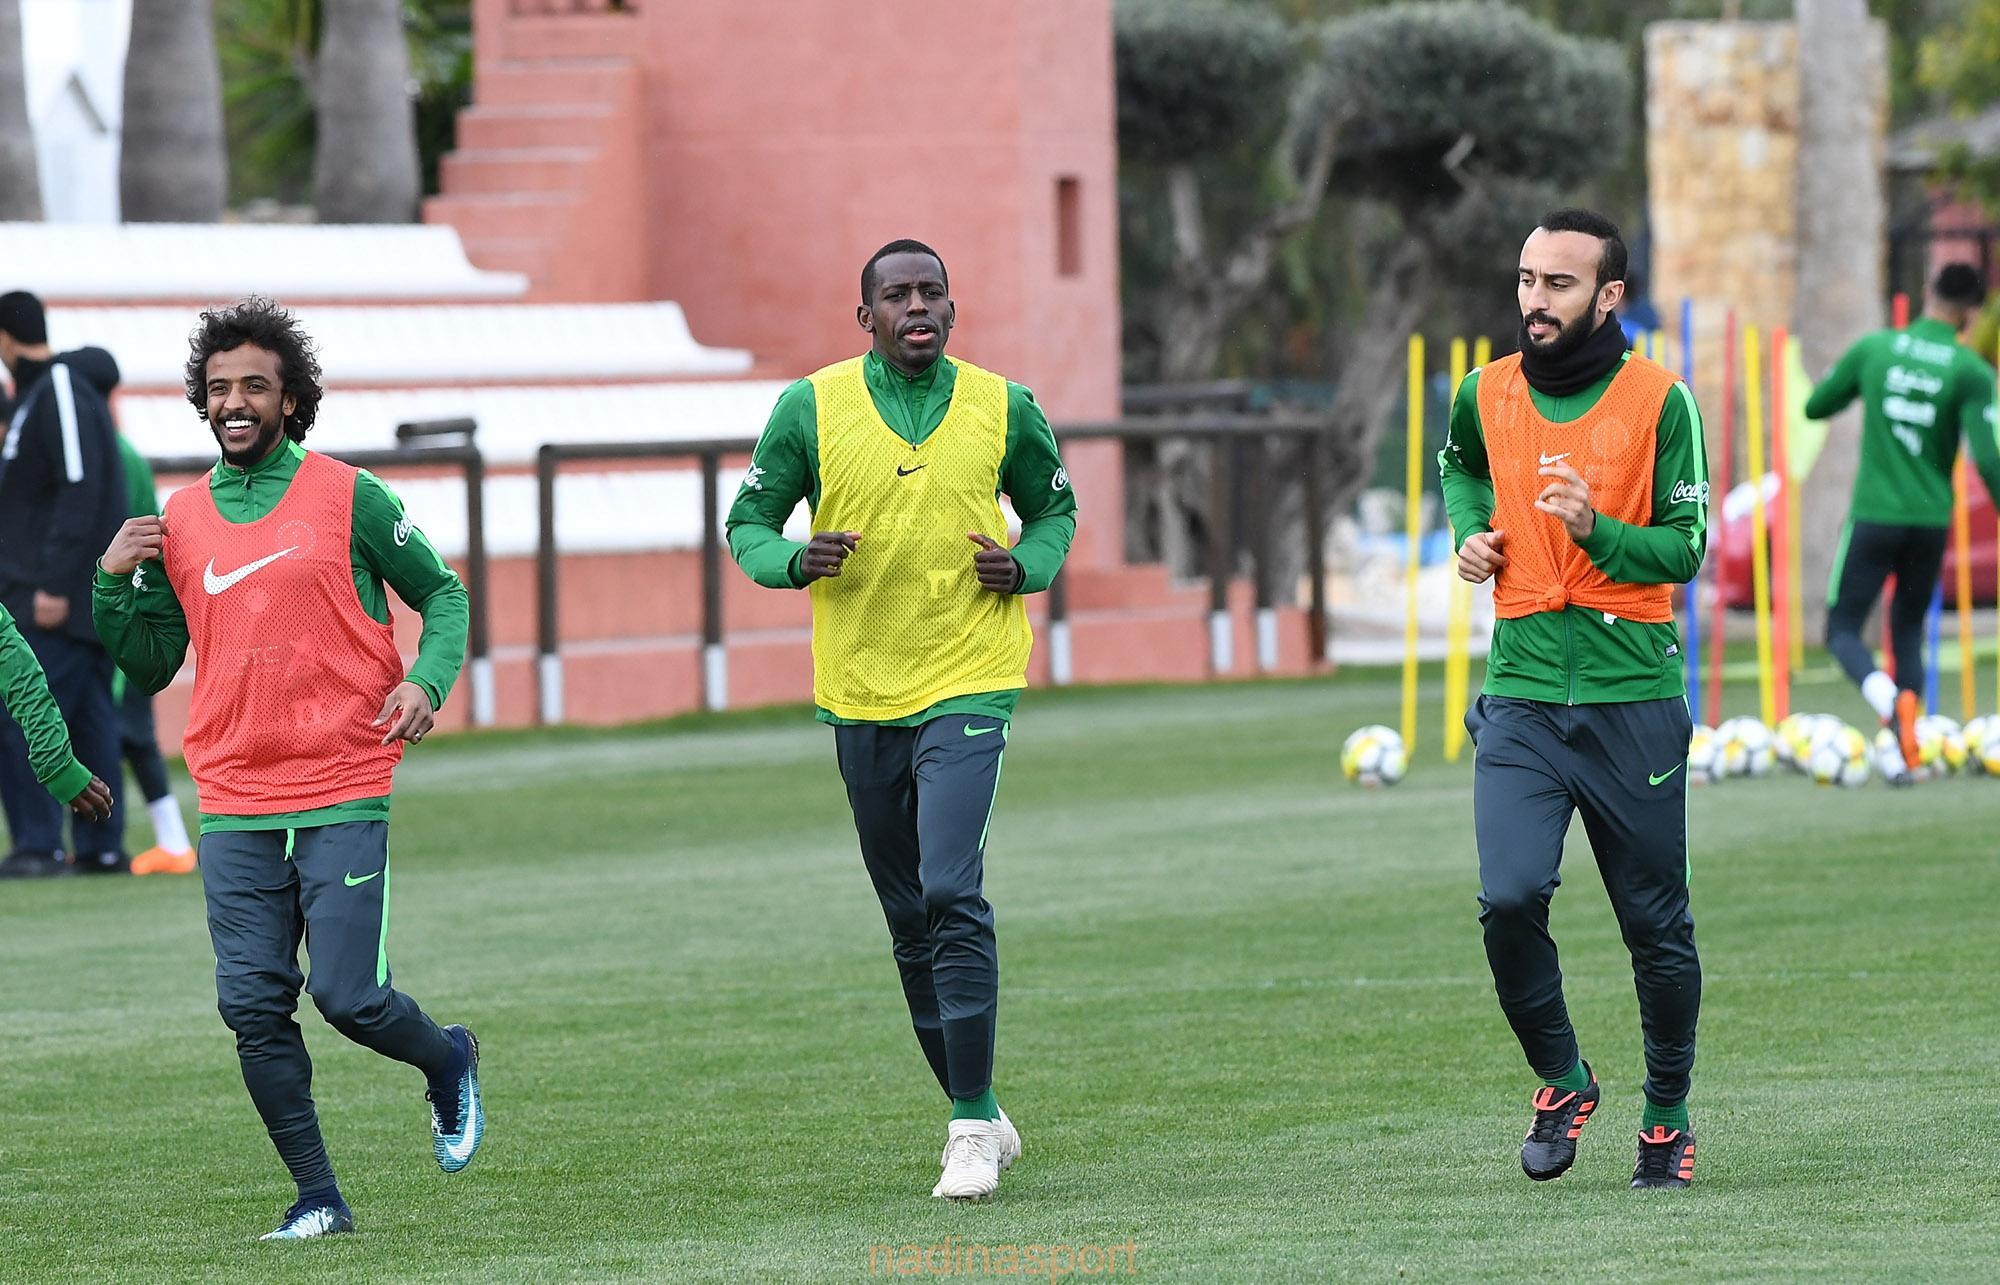 المنتخب السعودي الأول يواصل تدريباته في ماربيا الأسبانية